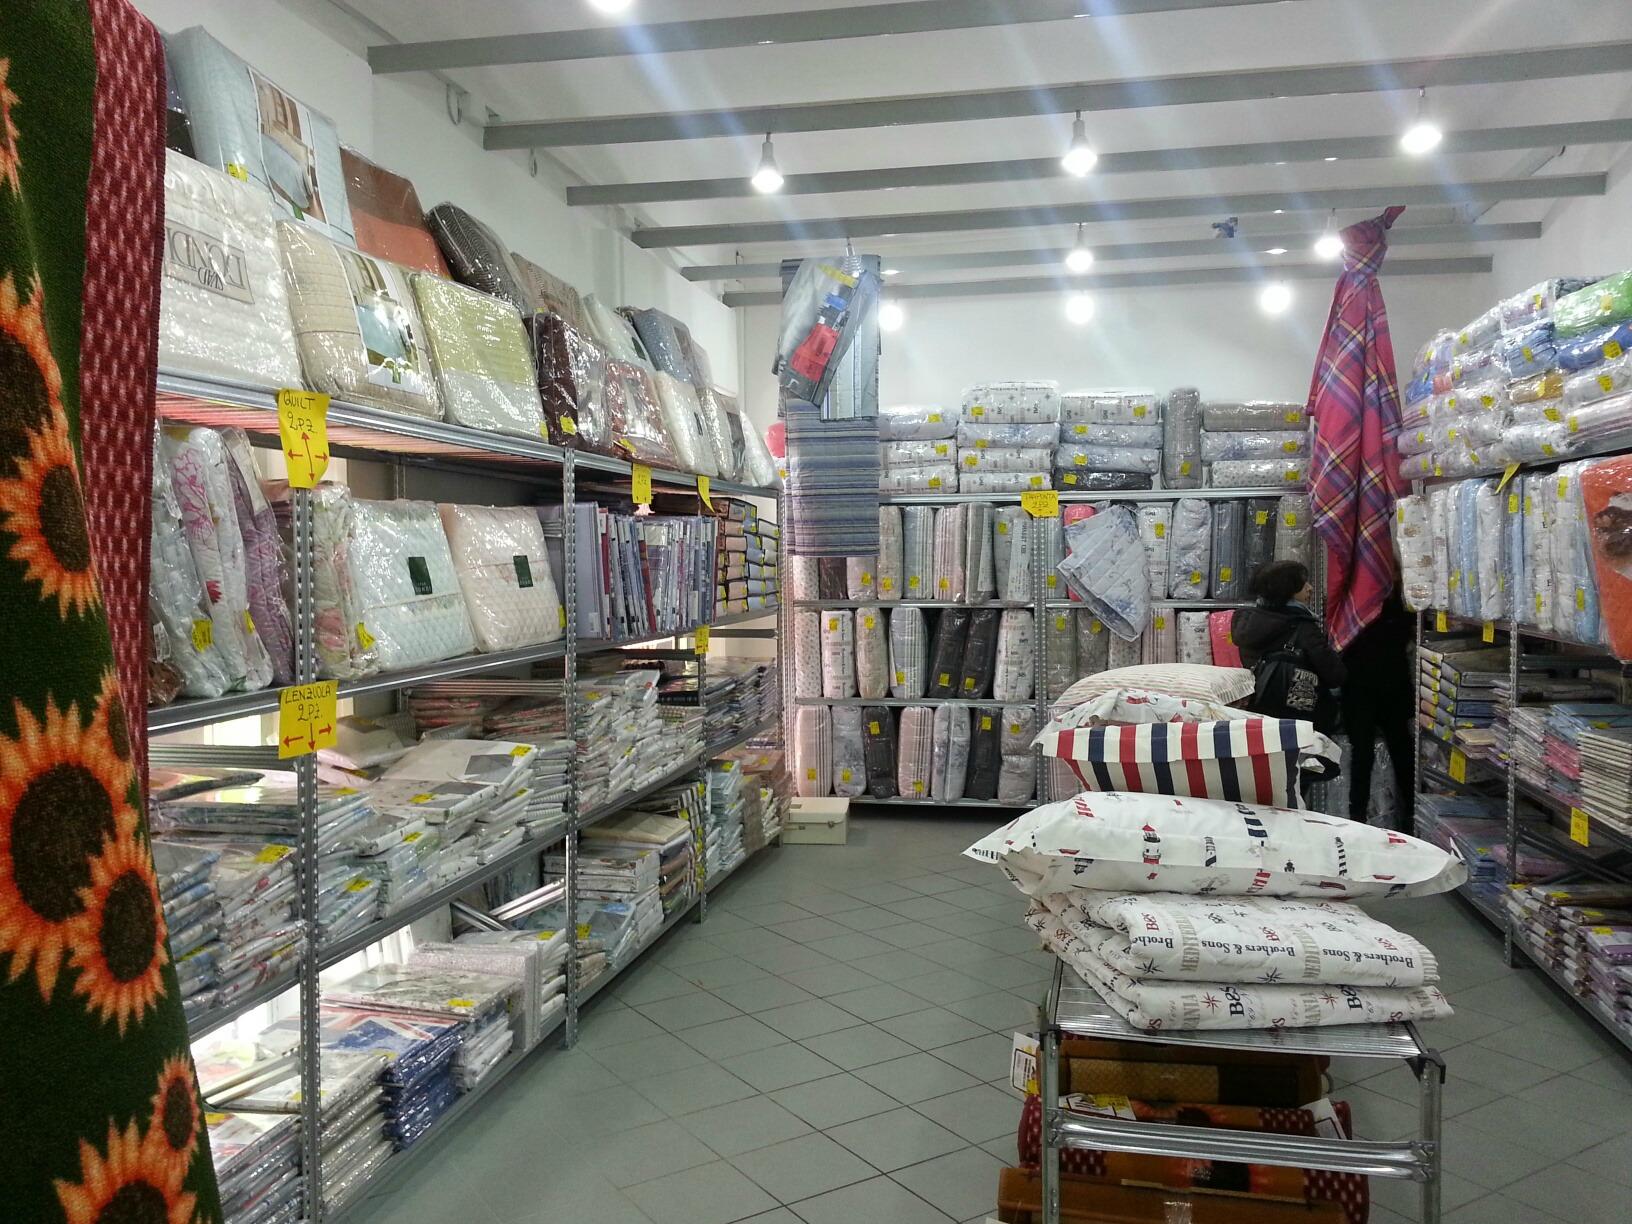 Temporary store biancheria per la casa ad ancona - Biancheria per la casa ...